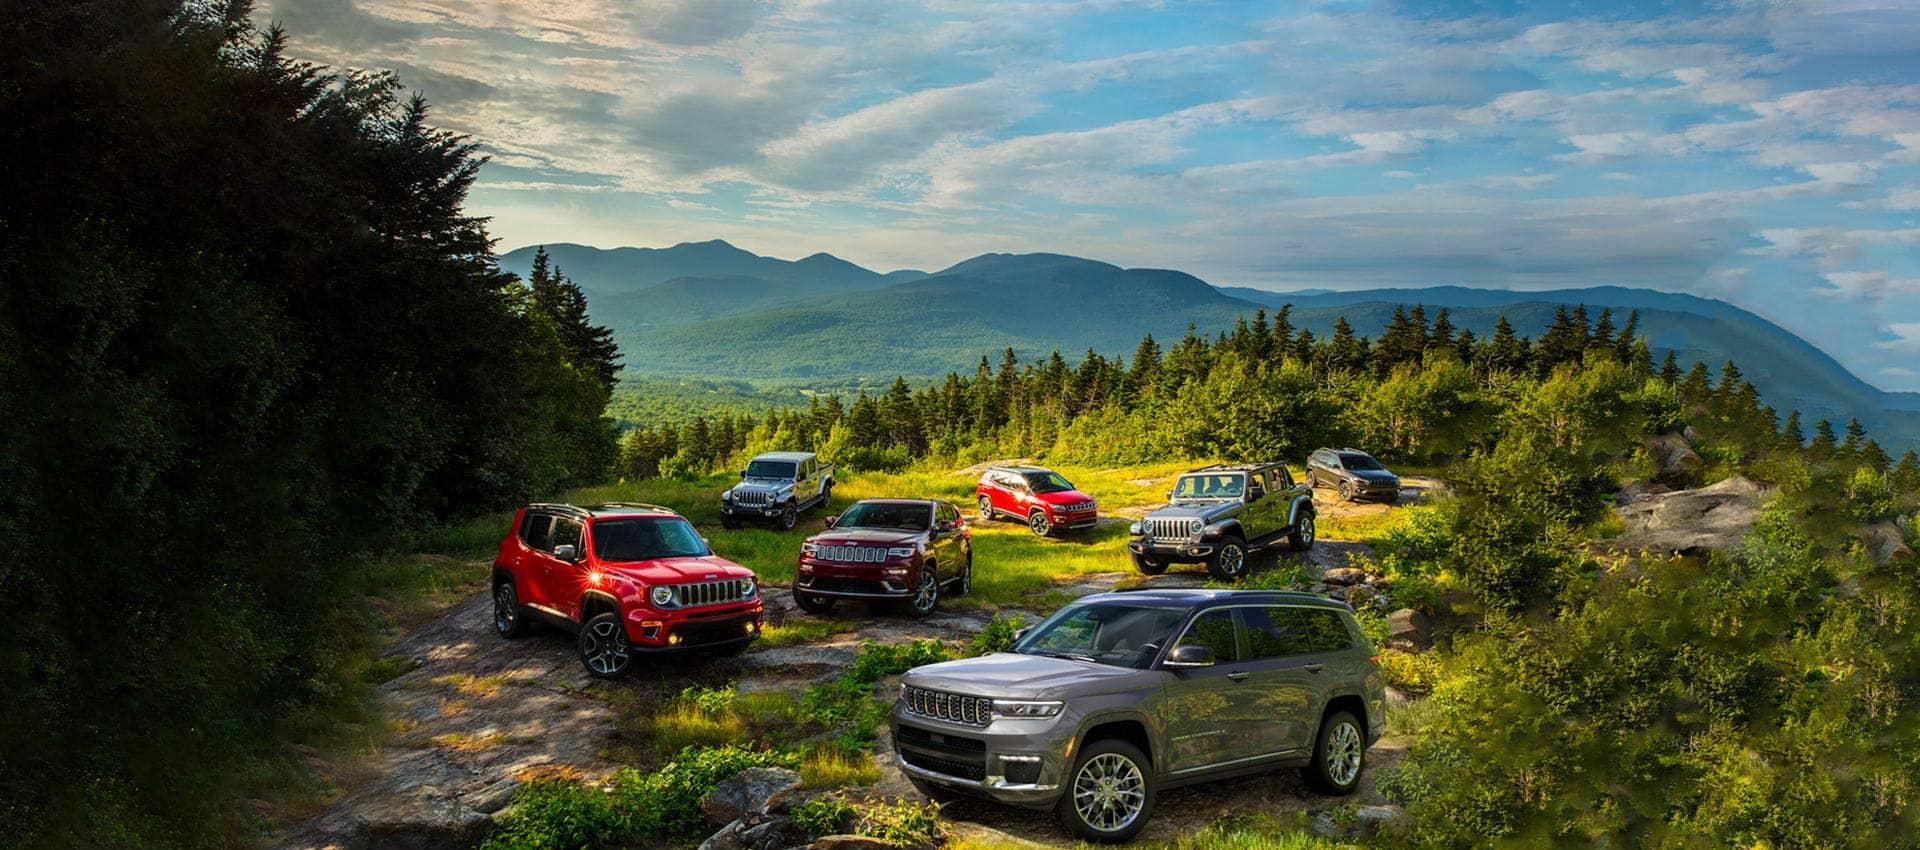 La línea de Jeep2021 estacionada en un claro rocoso en las montañas. En la fila delantera, unJeep Grand Cherokee L, Jeep Renegade Limited, Grand Cherokee Summit y Wrangler Sahara. En la fila trasera, unaJeep Gladiator Overland, Compass Limited y Cherokee High Altitude.